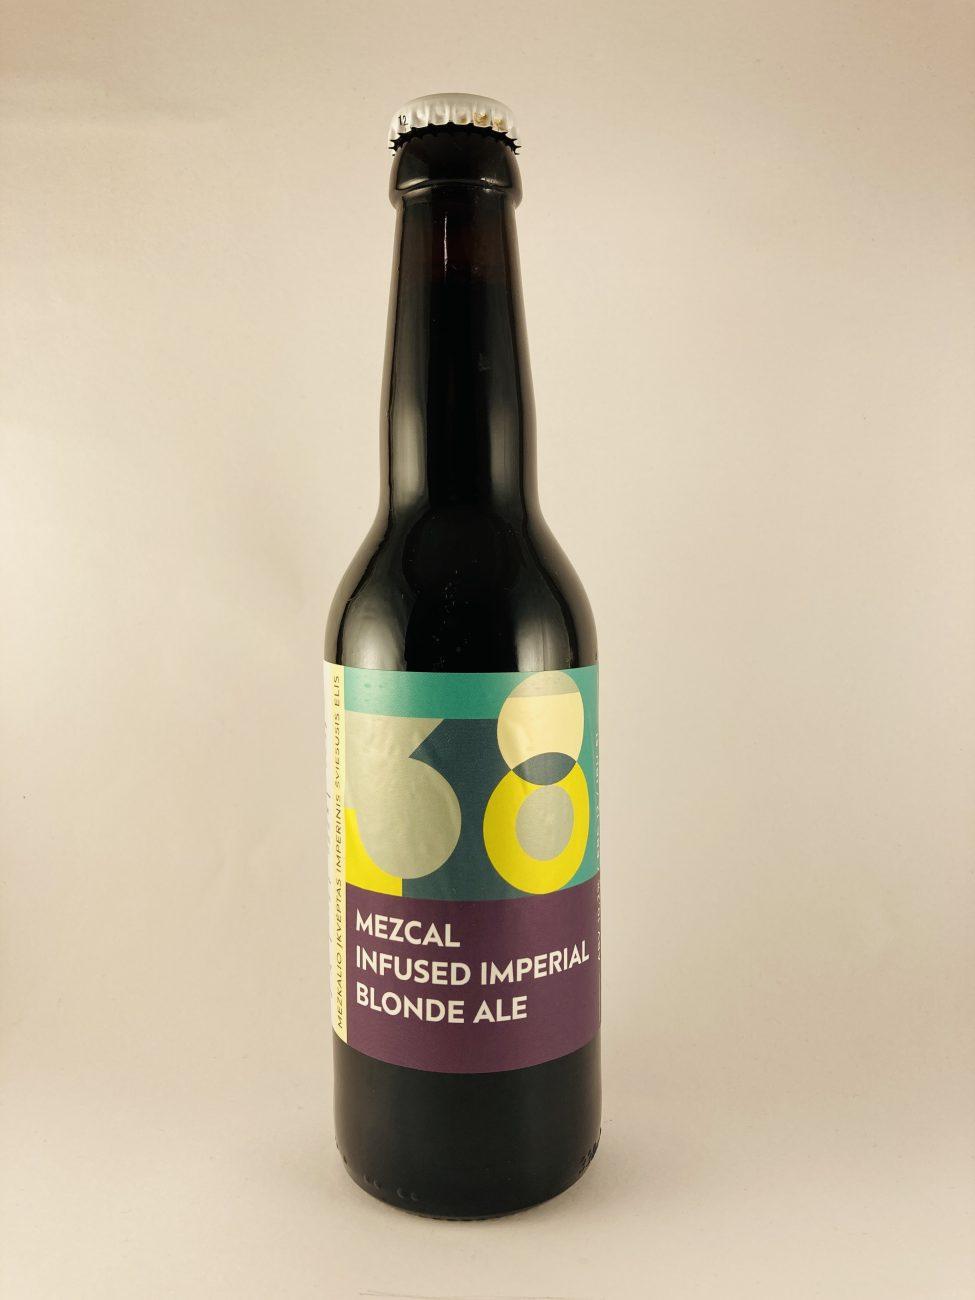 Mezkal-blonde-imperial-sakiskes-brewery